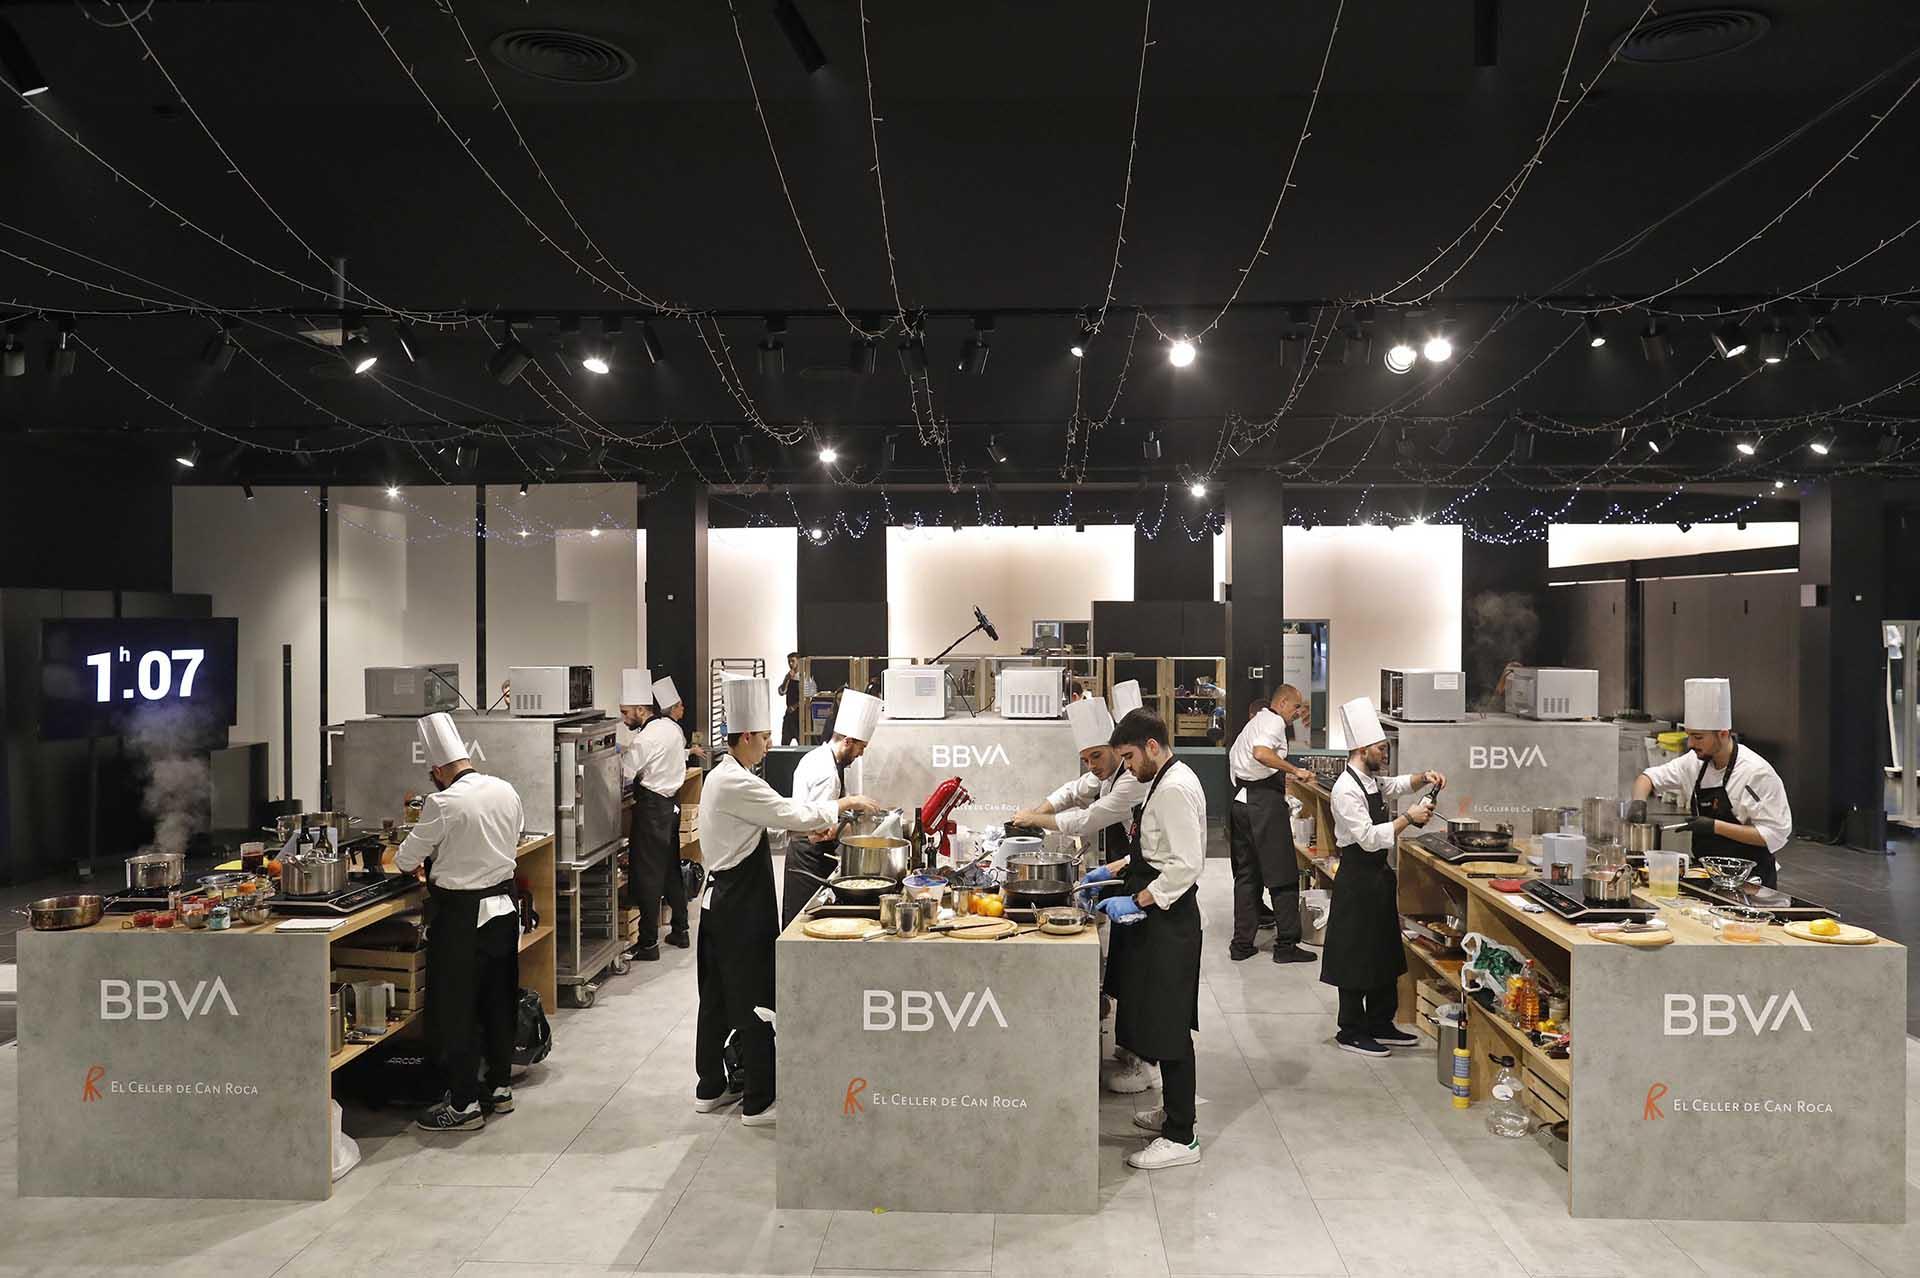 Evento entrega becas hostelería BBVA sets de cocina